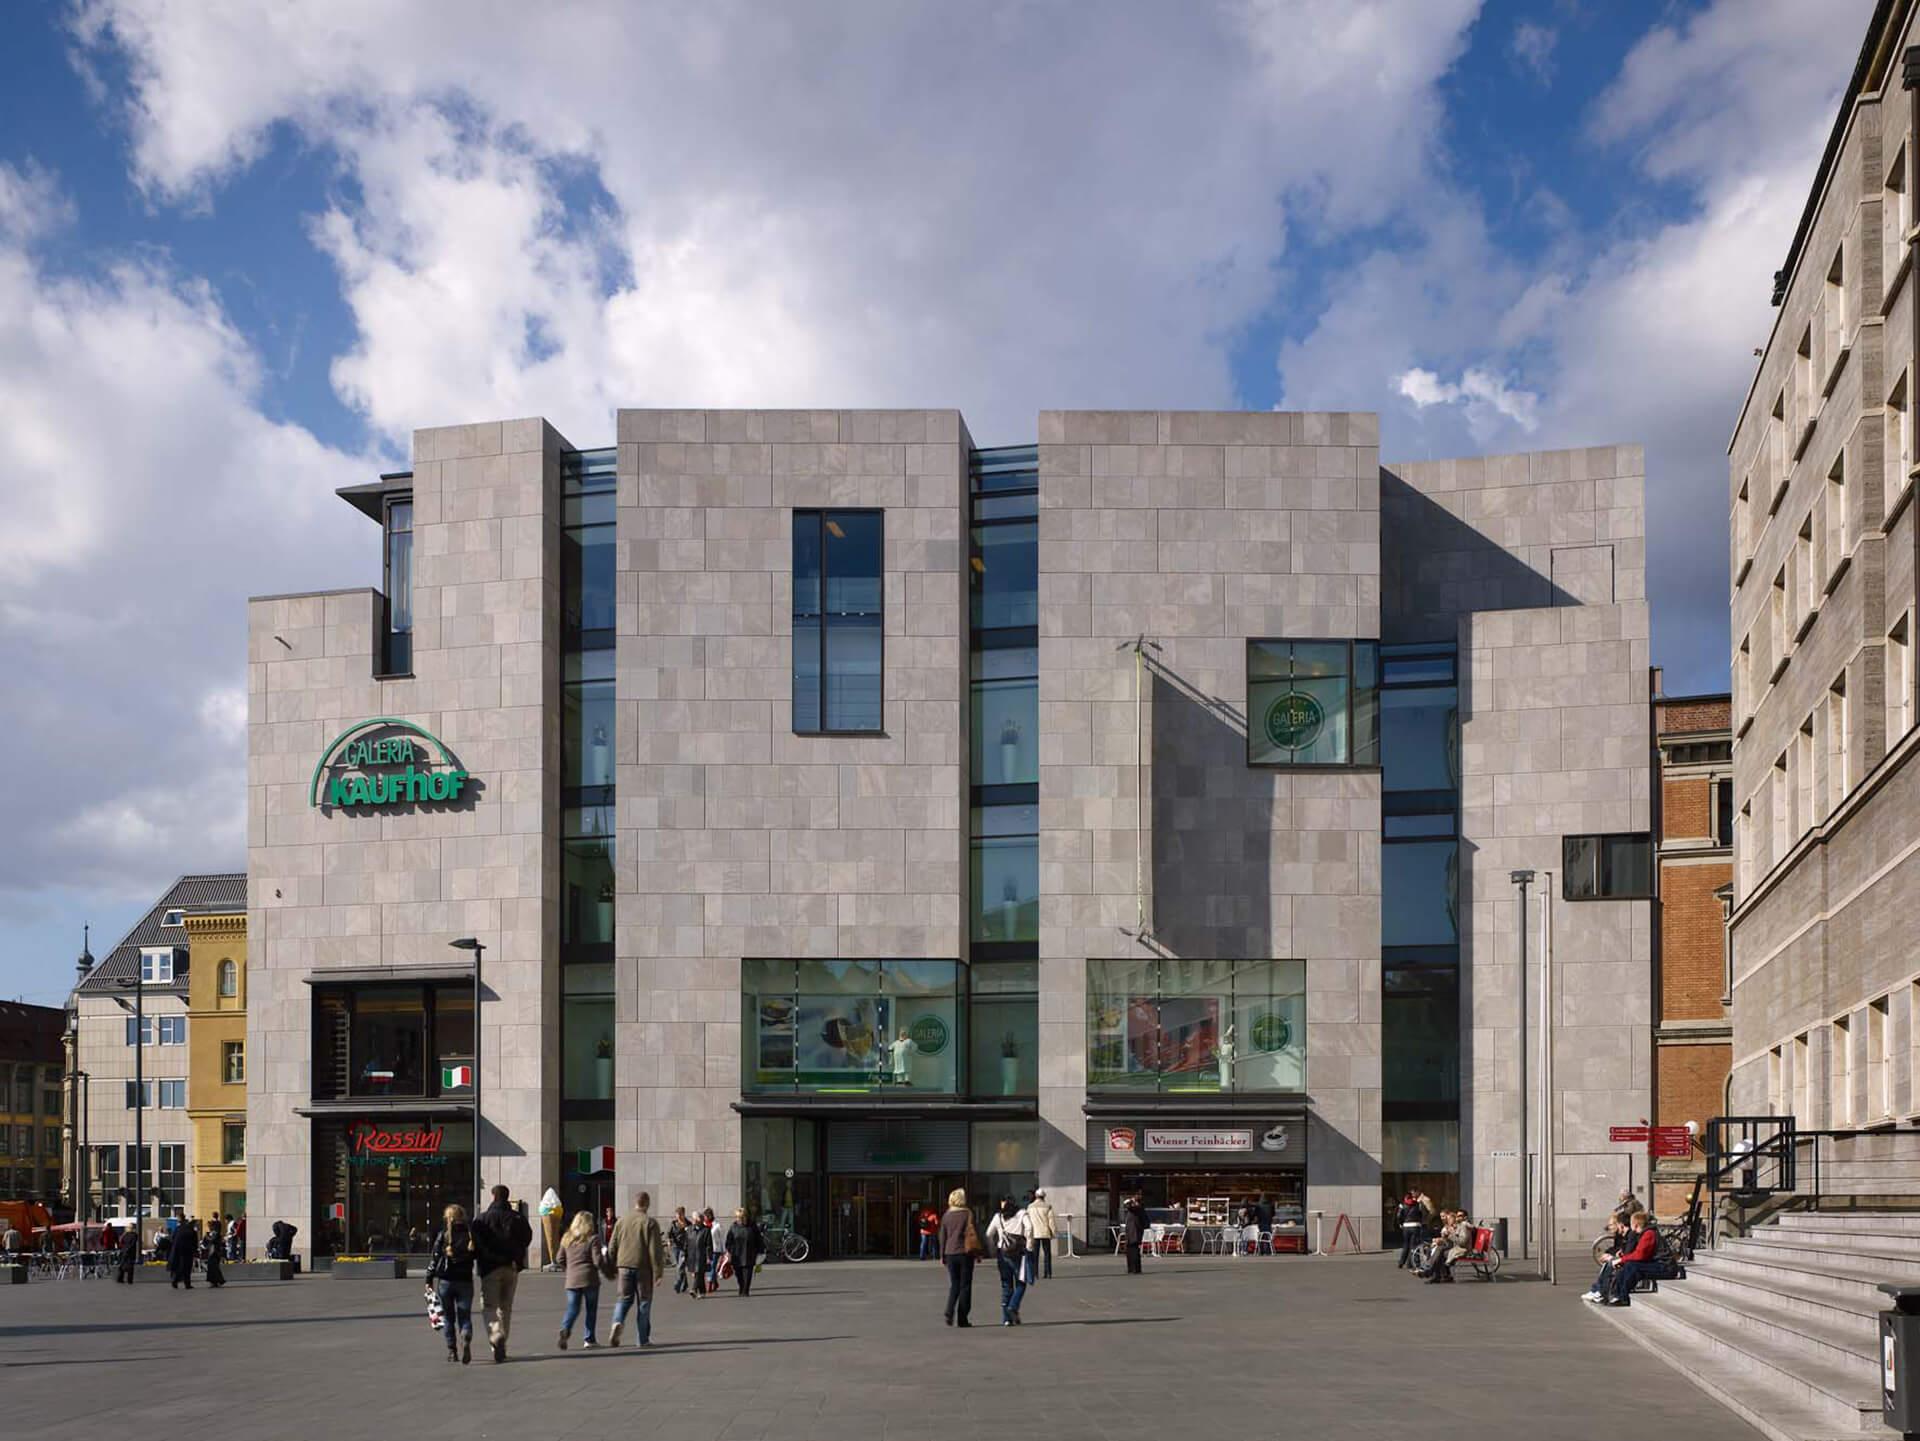 ksg-architekten - Kaufhaus Kaufhof, Halle